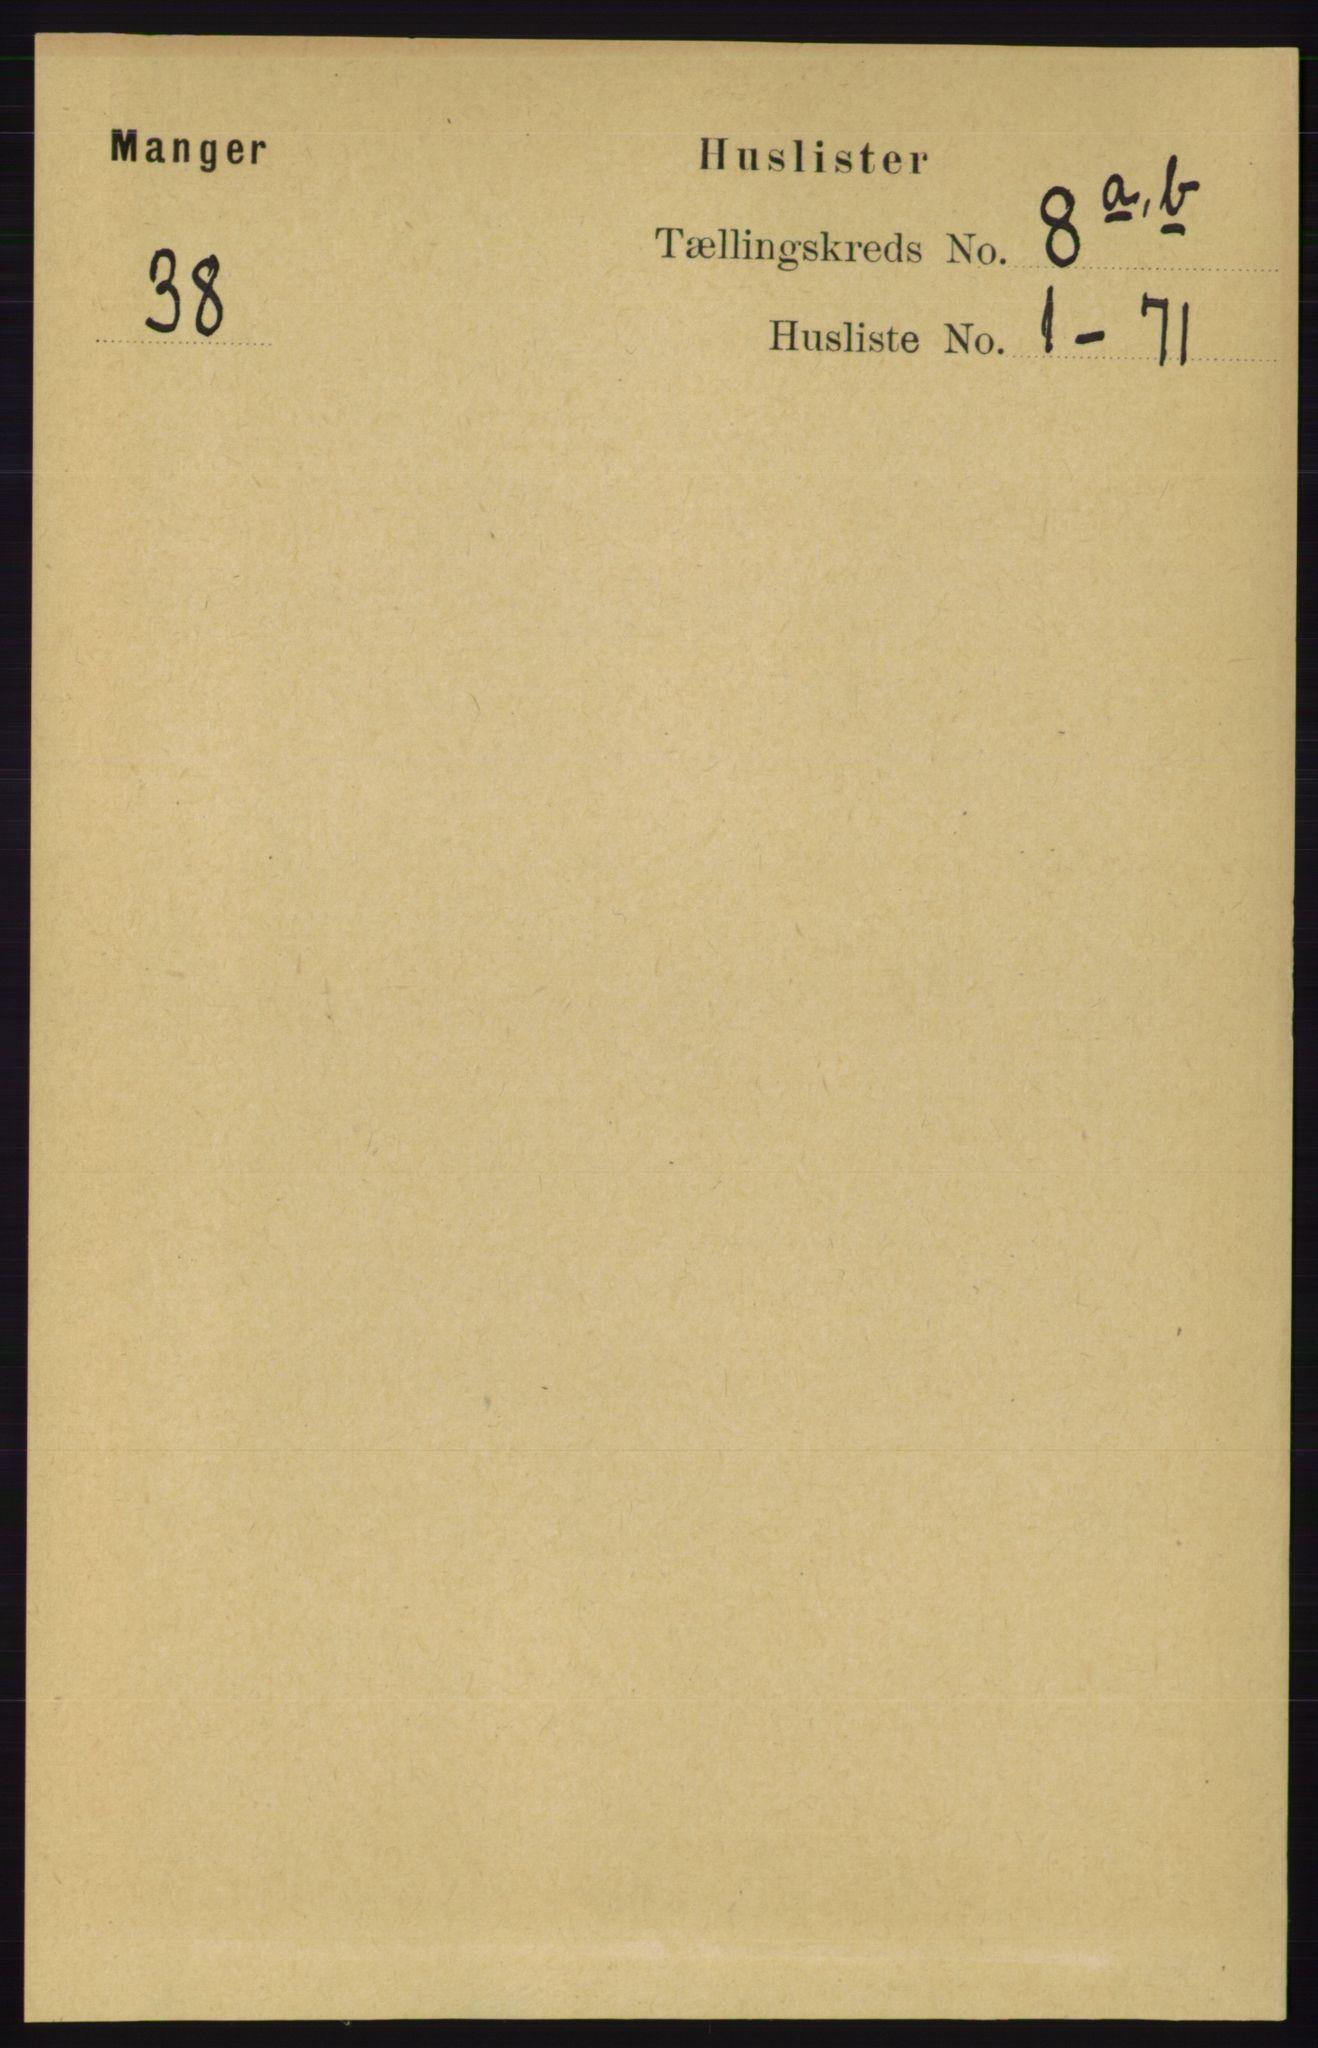 RA, Folketelling 1891 for 1261 Manger herred, 1891, s. 5011